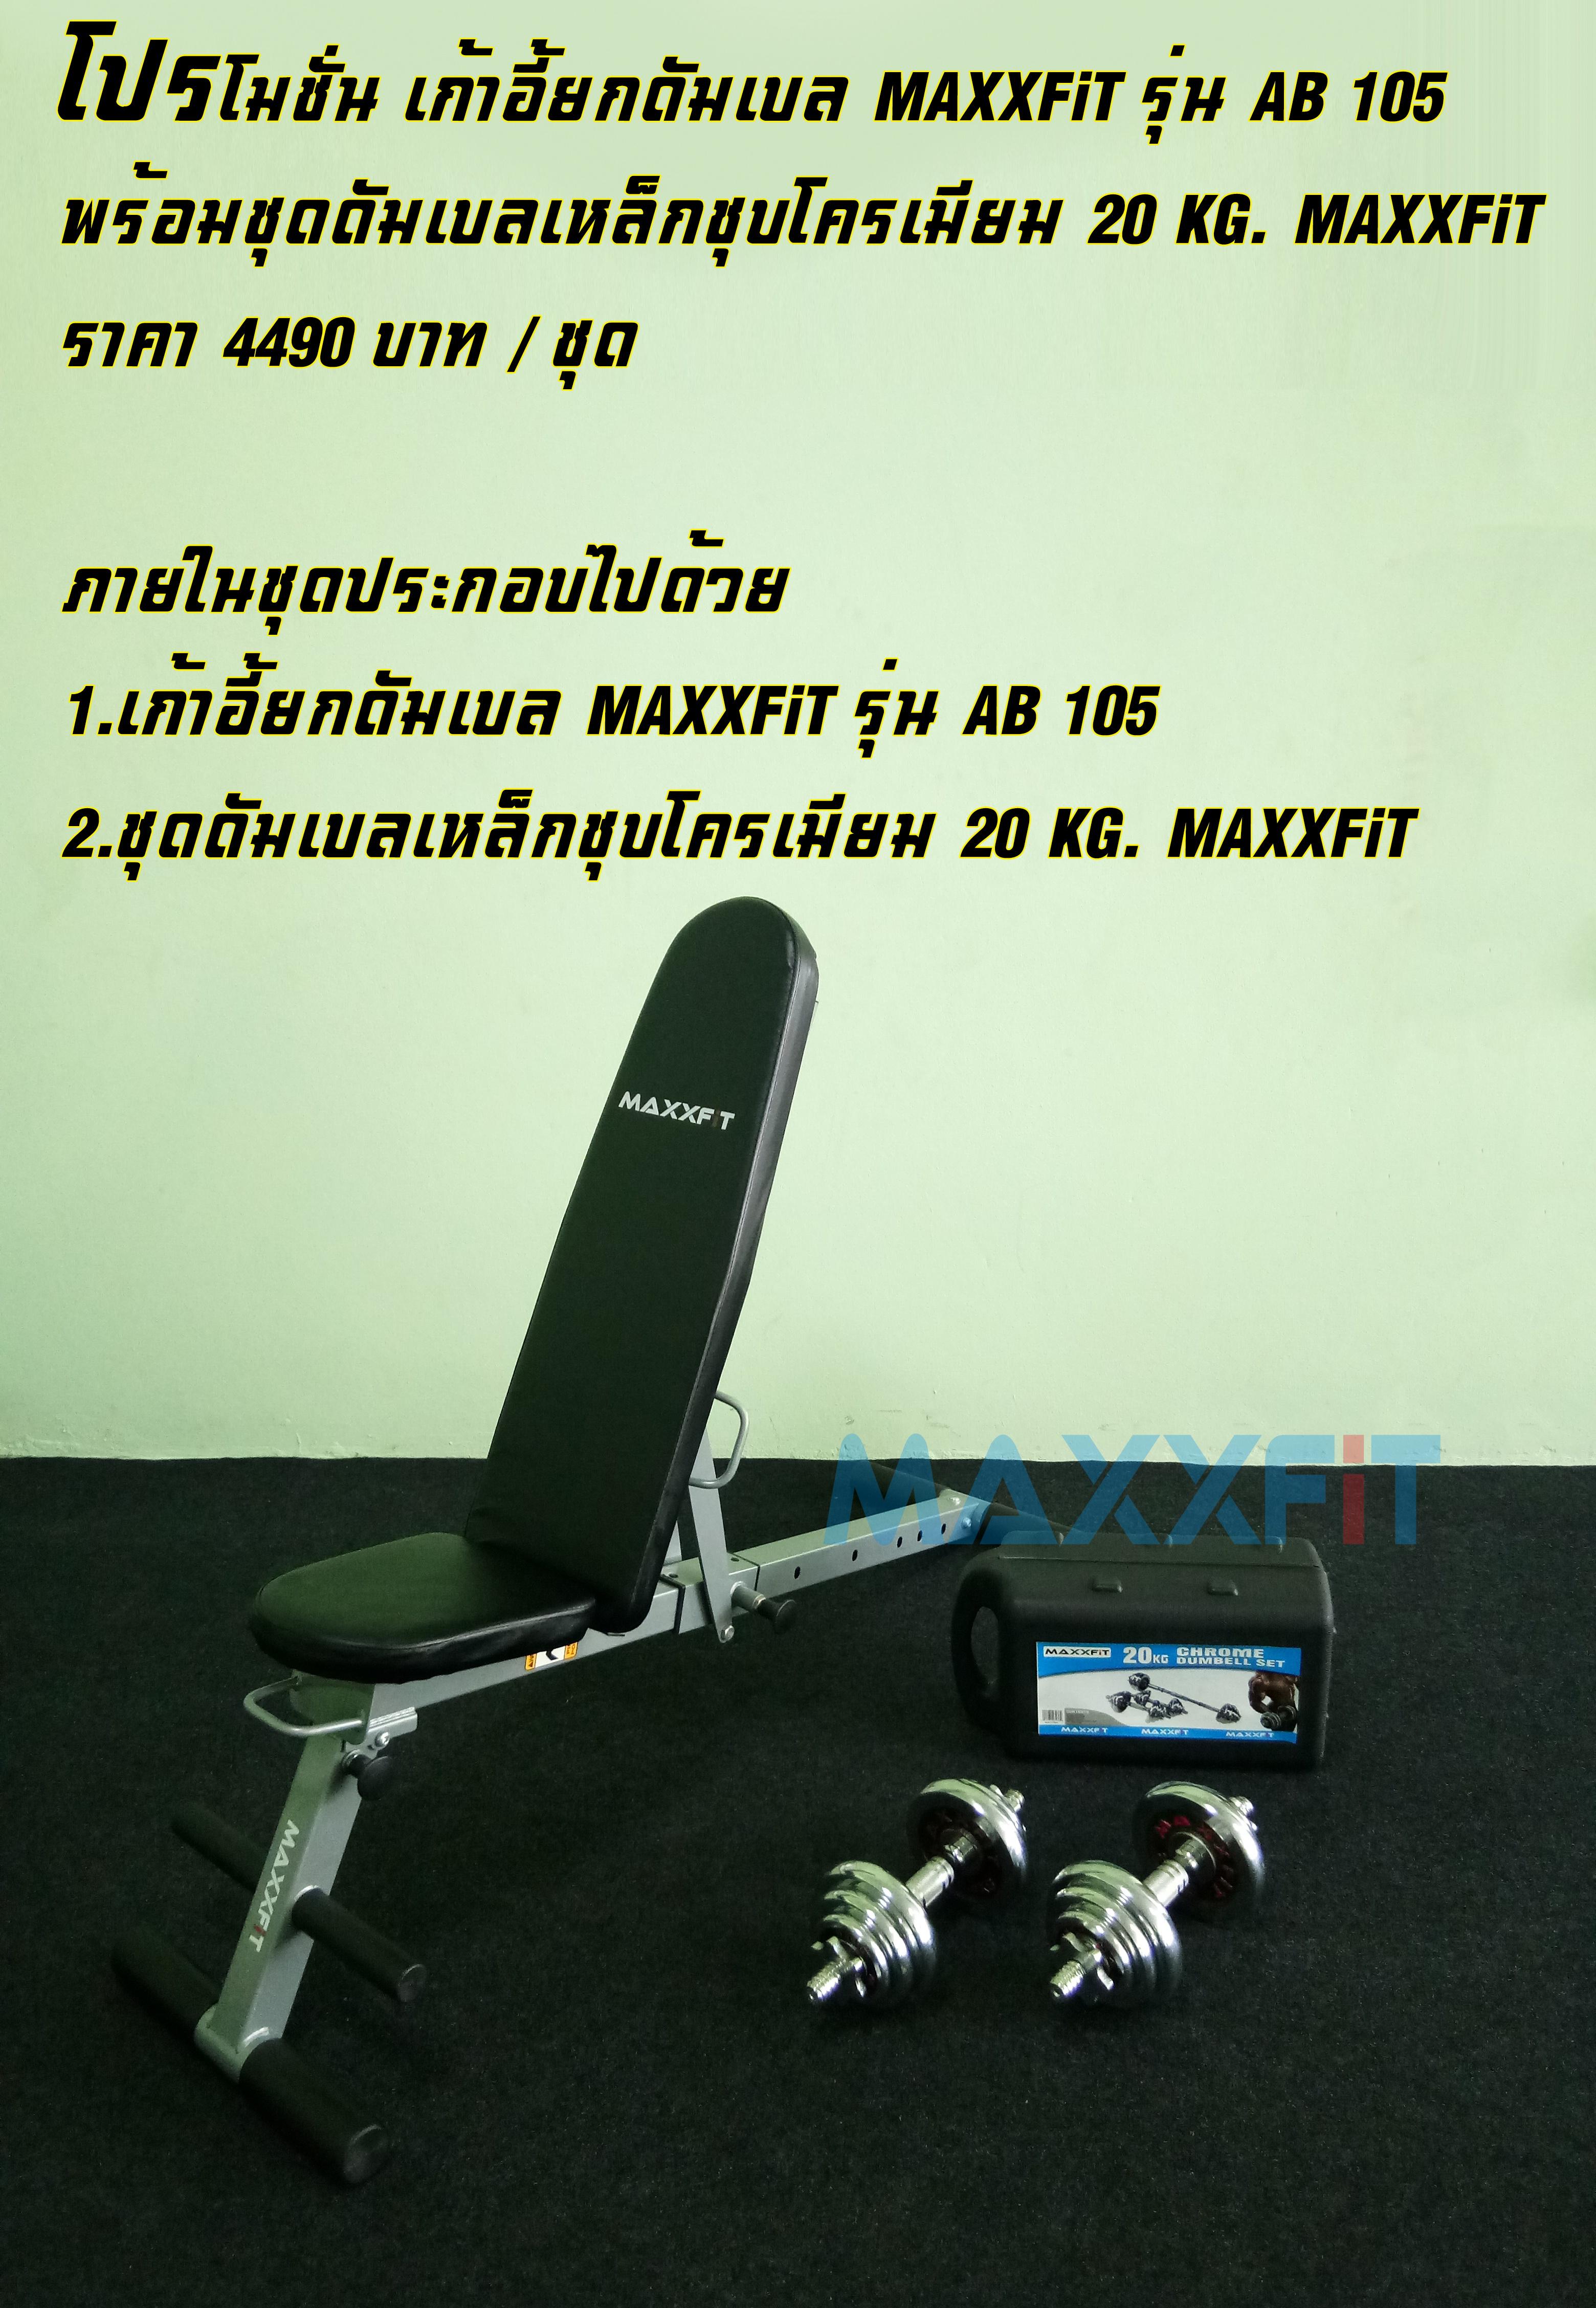 โปรโมชั่นเก้าอี้ยกดัมเบล พร้อมชุดดัมเบล